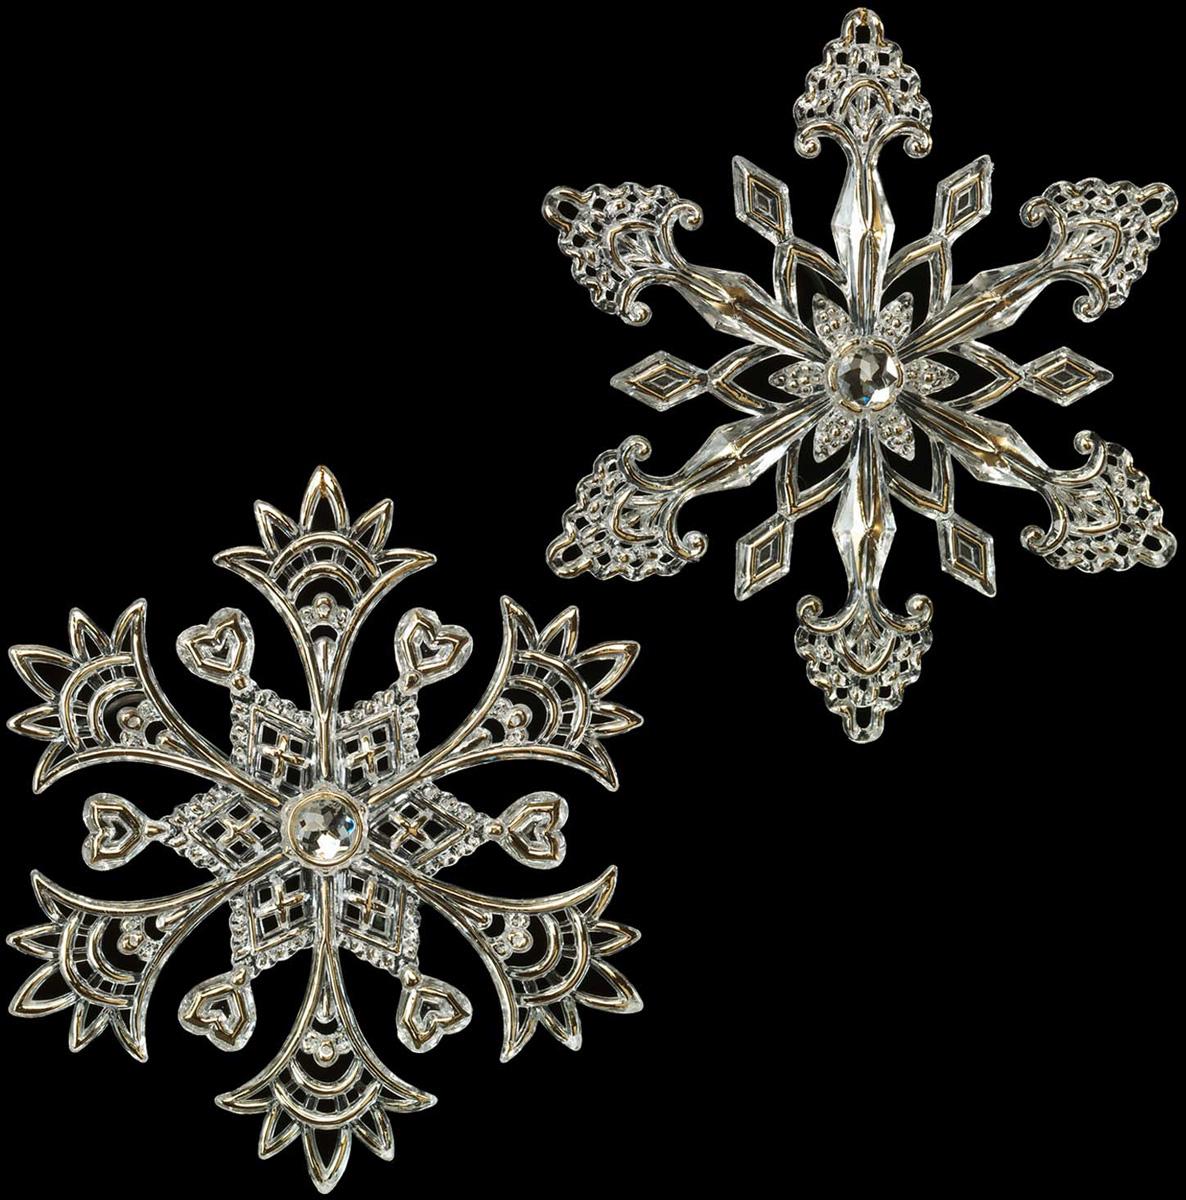 Украшение для интерьера новогоднее Erich Krause Снежинка со стразинкой, 13 см. 4026840268Звенящую прозрачность снежинки подчеркивают деликатные золотые вкрапления. Смотрится изысканно. Представлено две модели в ассортименте. Выбор модели невозможен. Упаковка - полибэг.